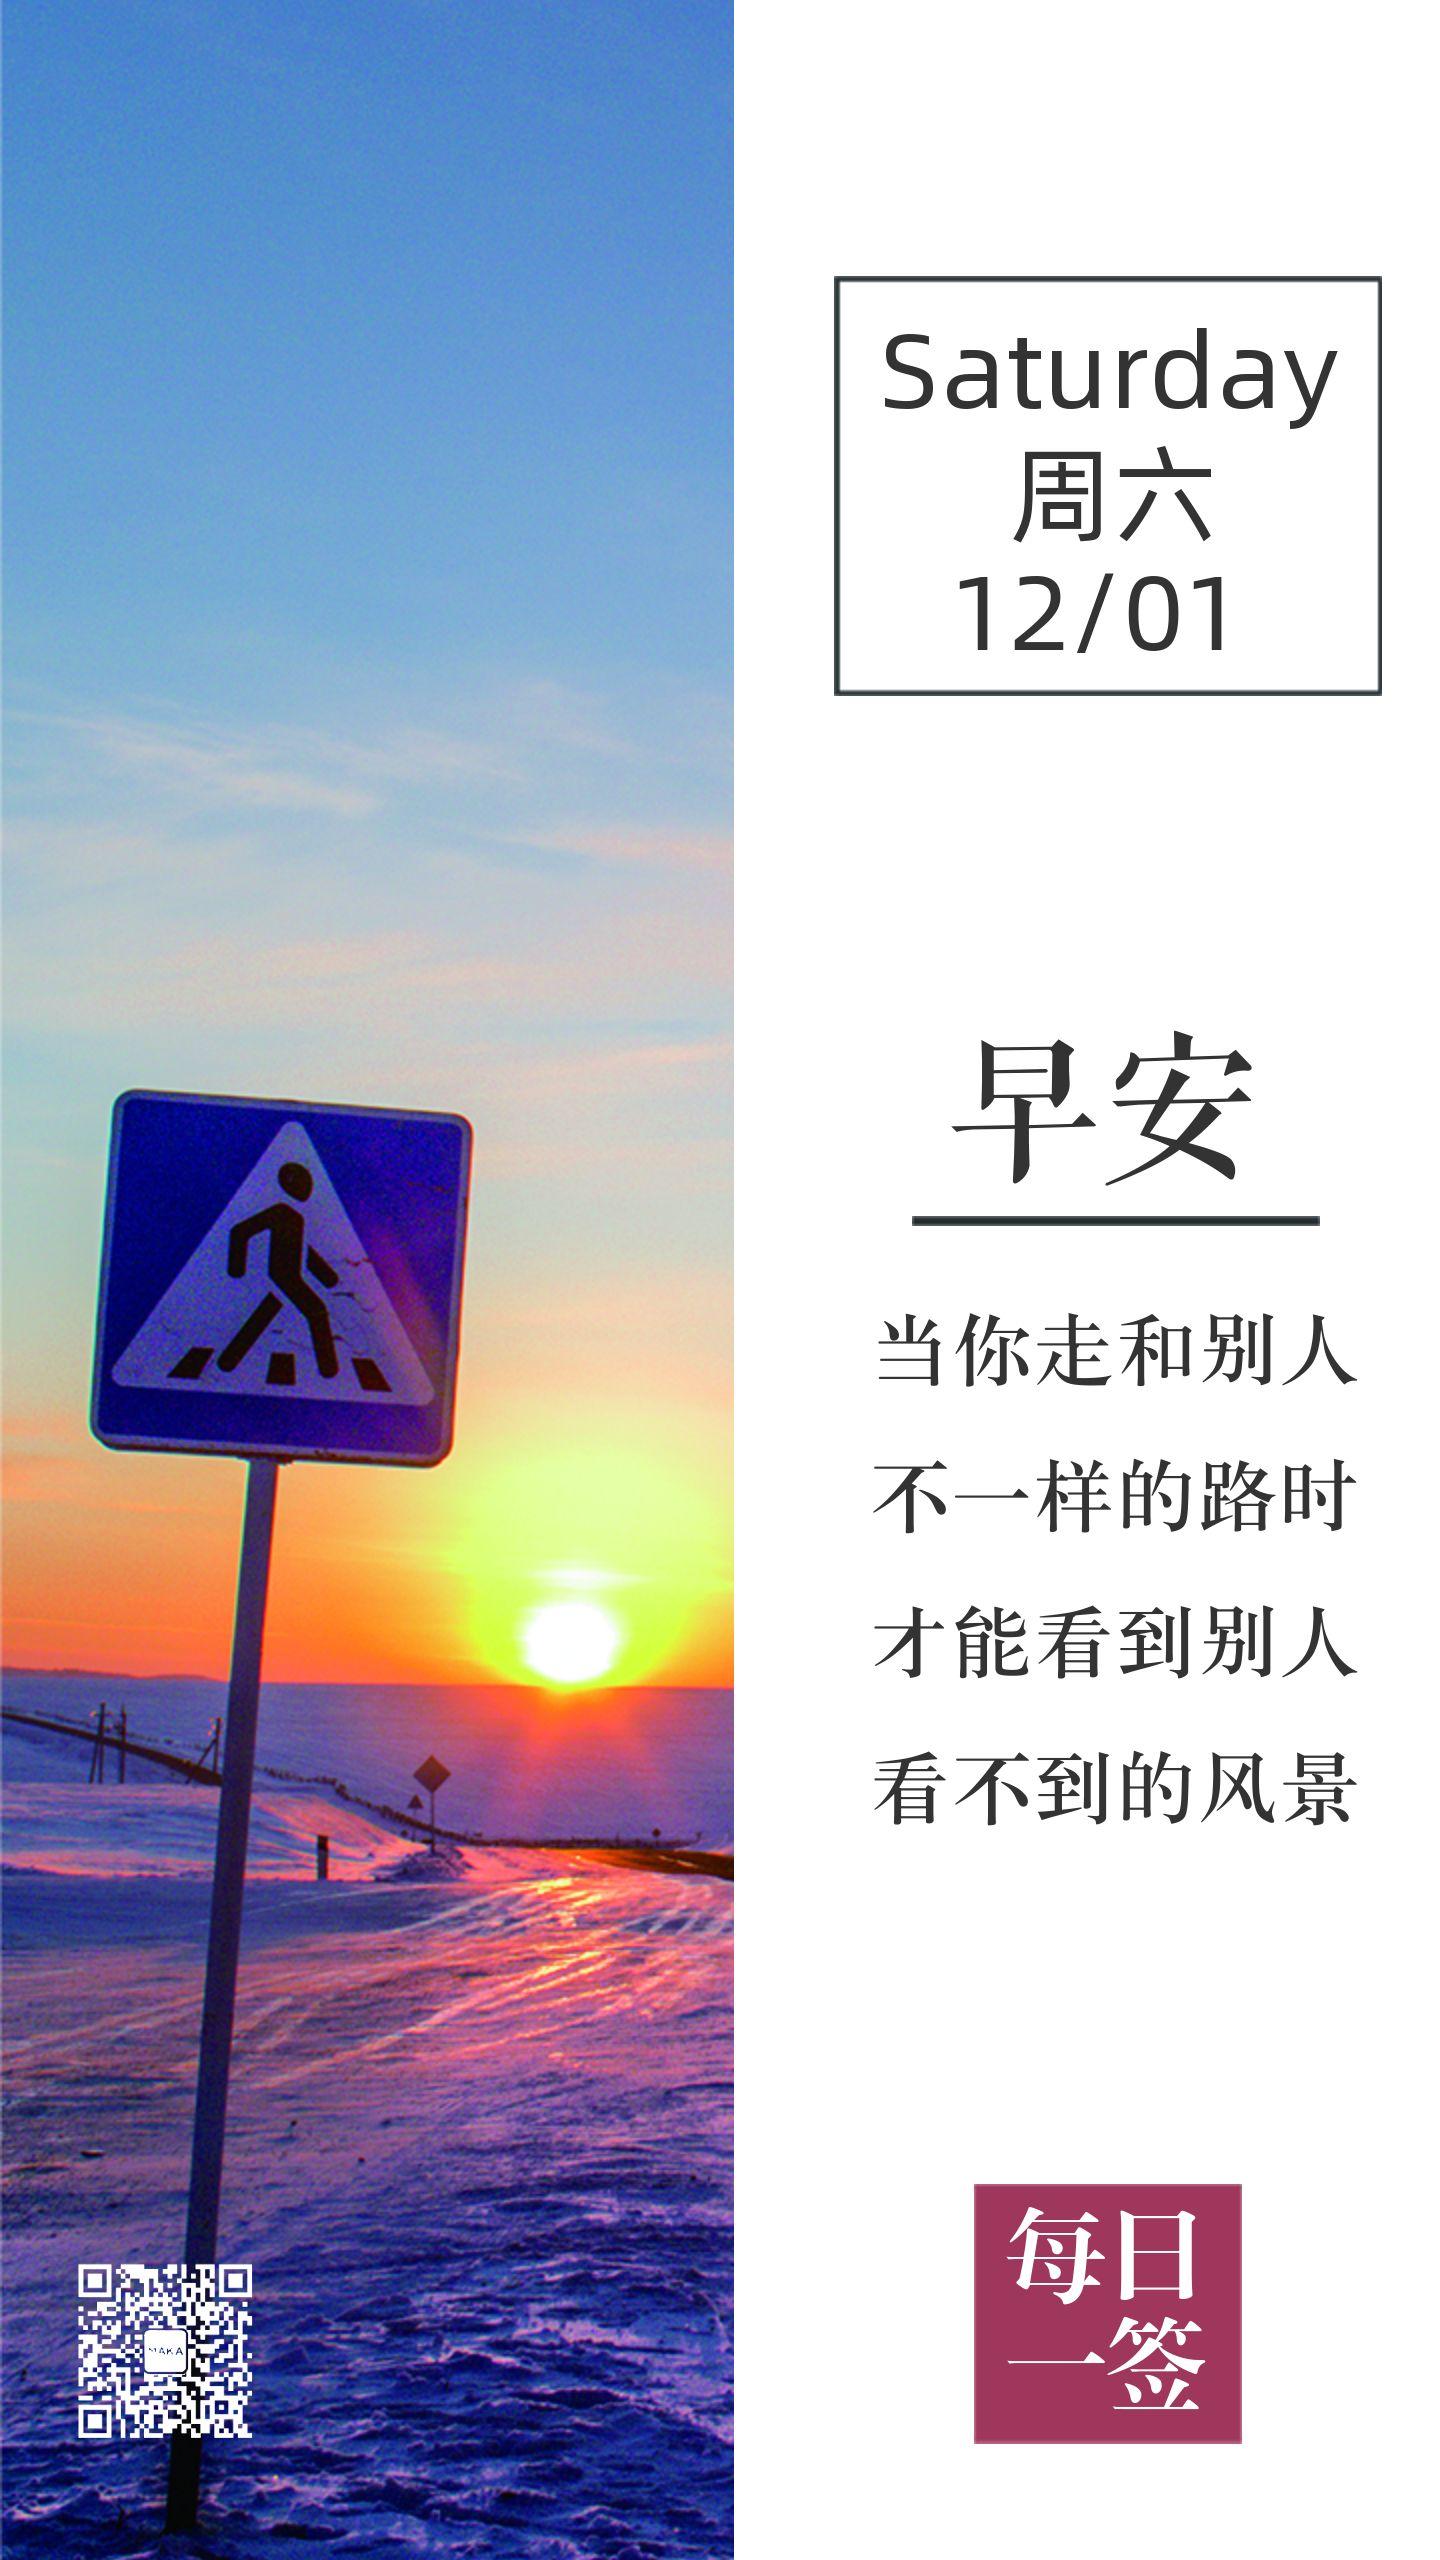 简约日出阳光路牌小清新早安日签励志日签早安心情寄语宣传海报